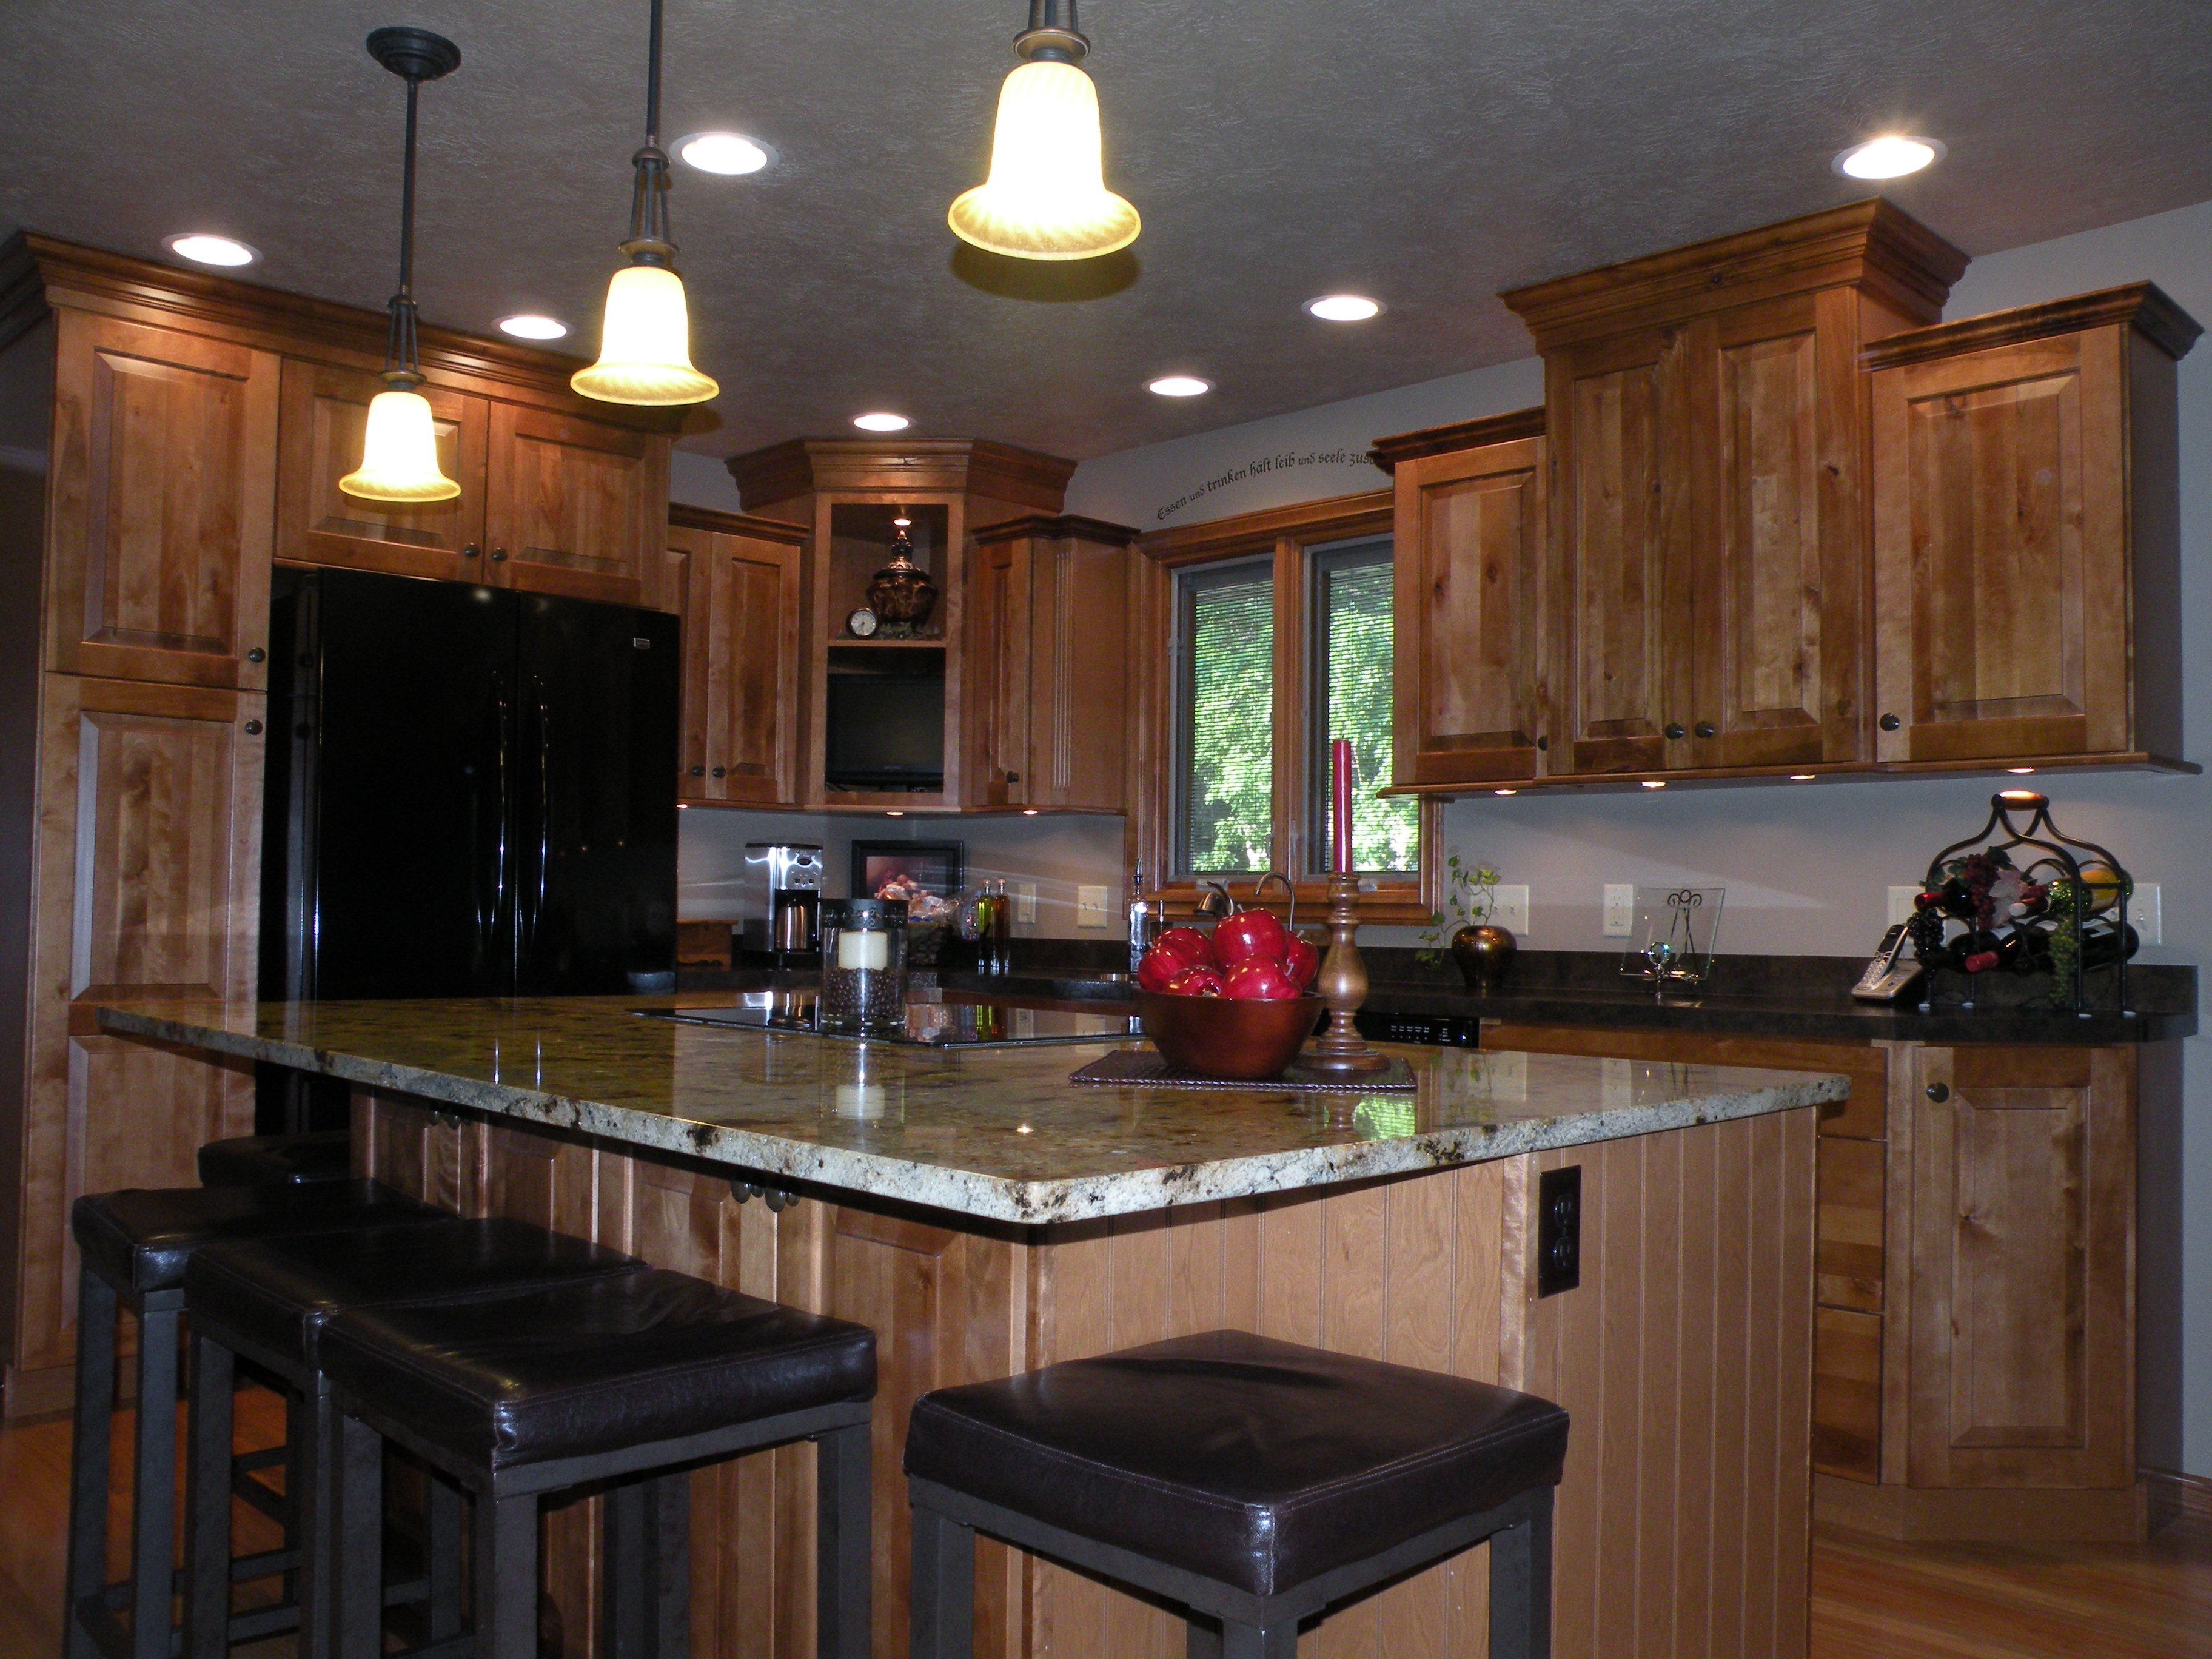 Great Rustic Birch Kitchen Cabinets   Rustic Birch Kitchen